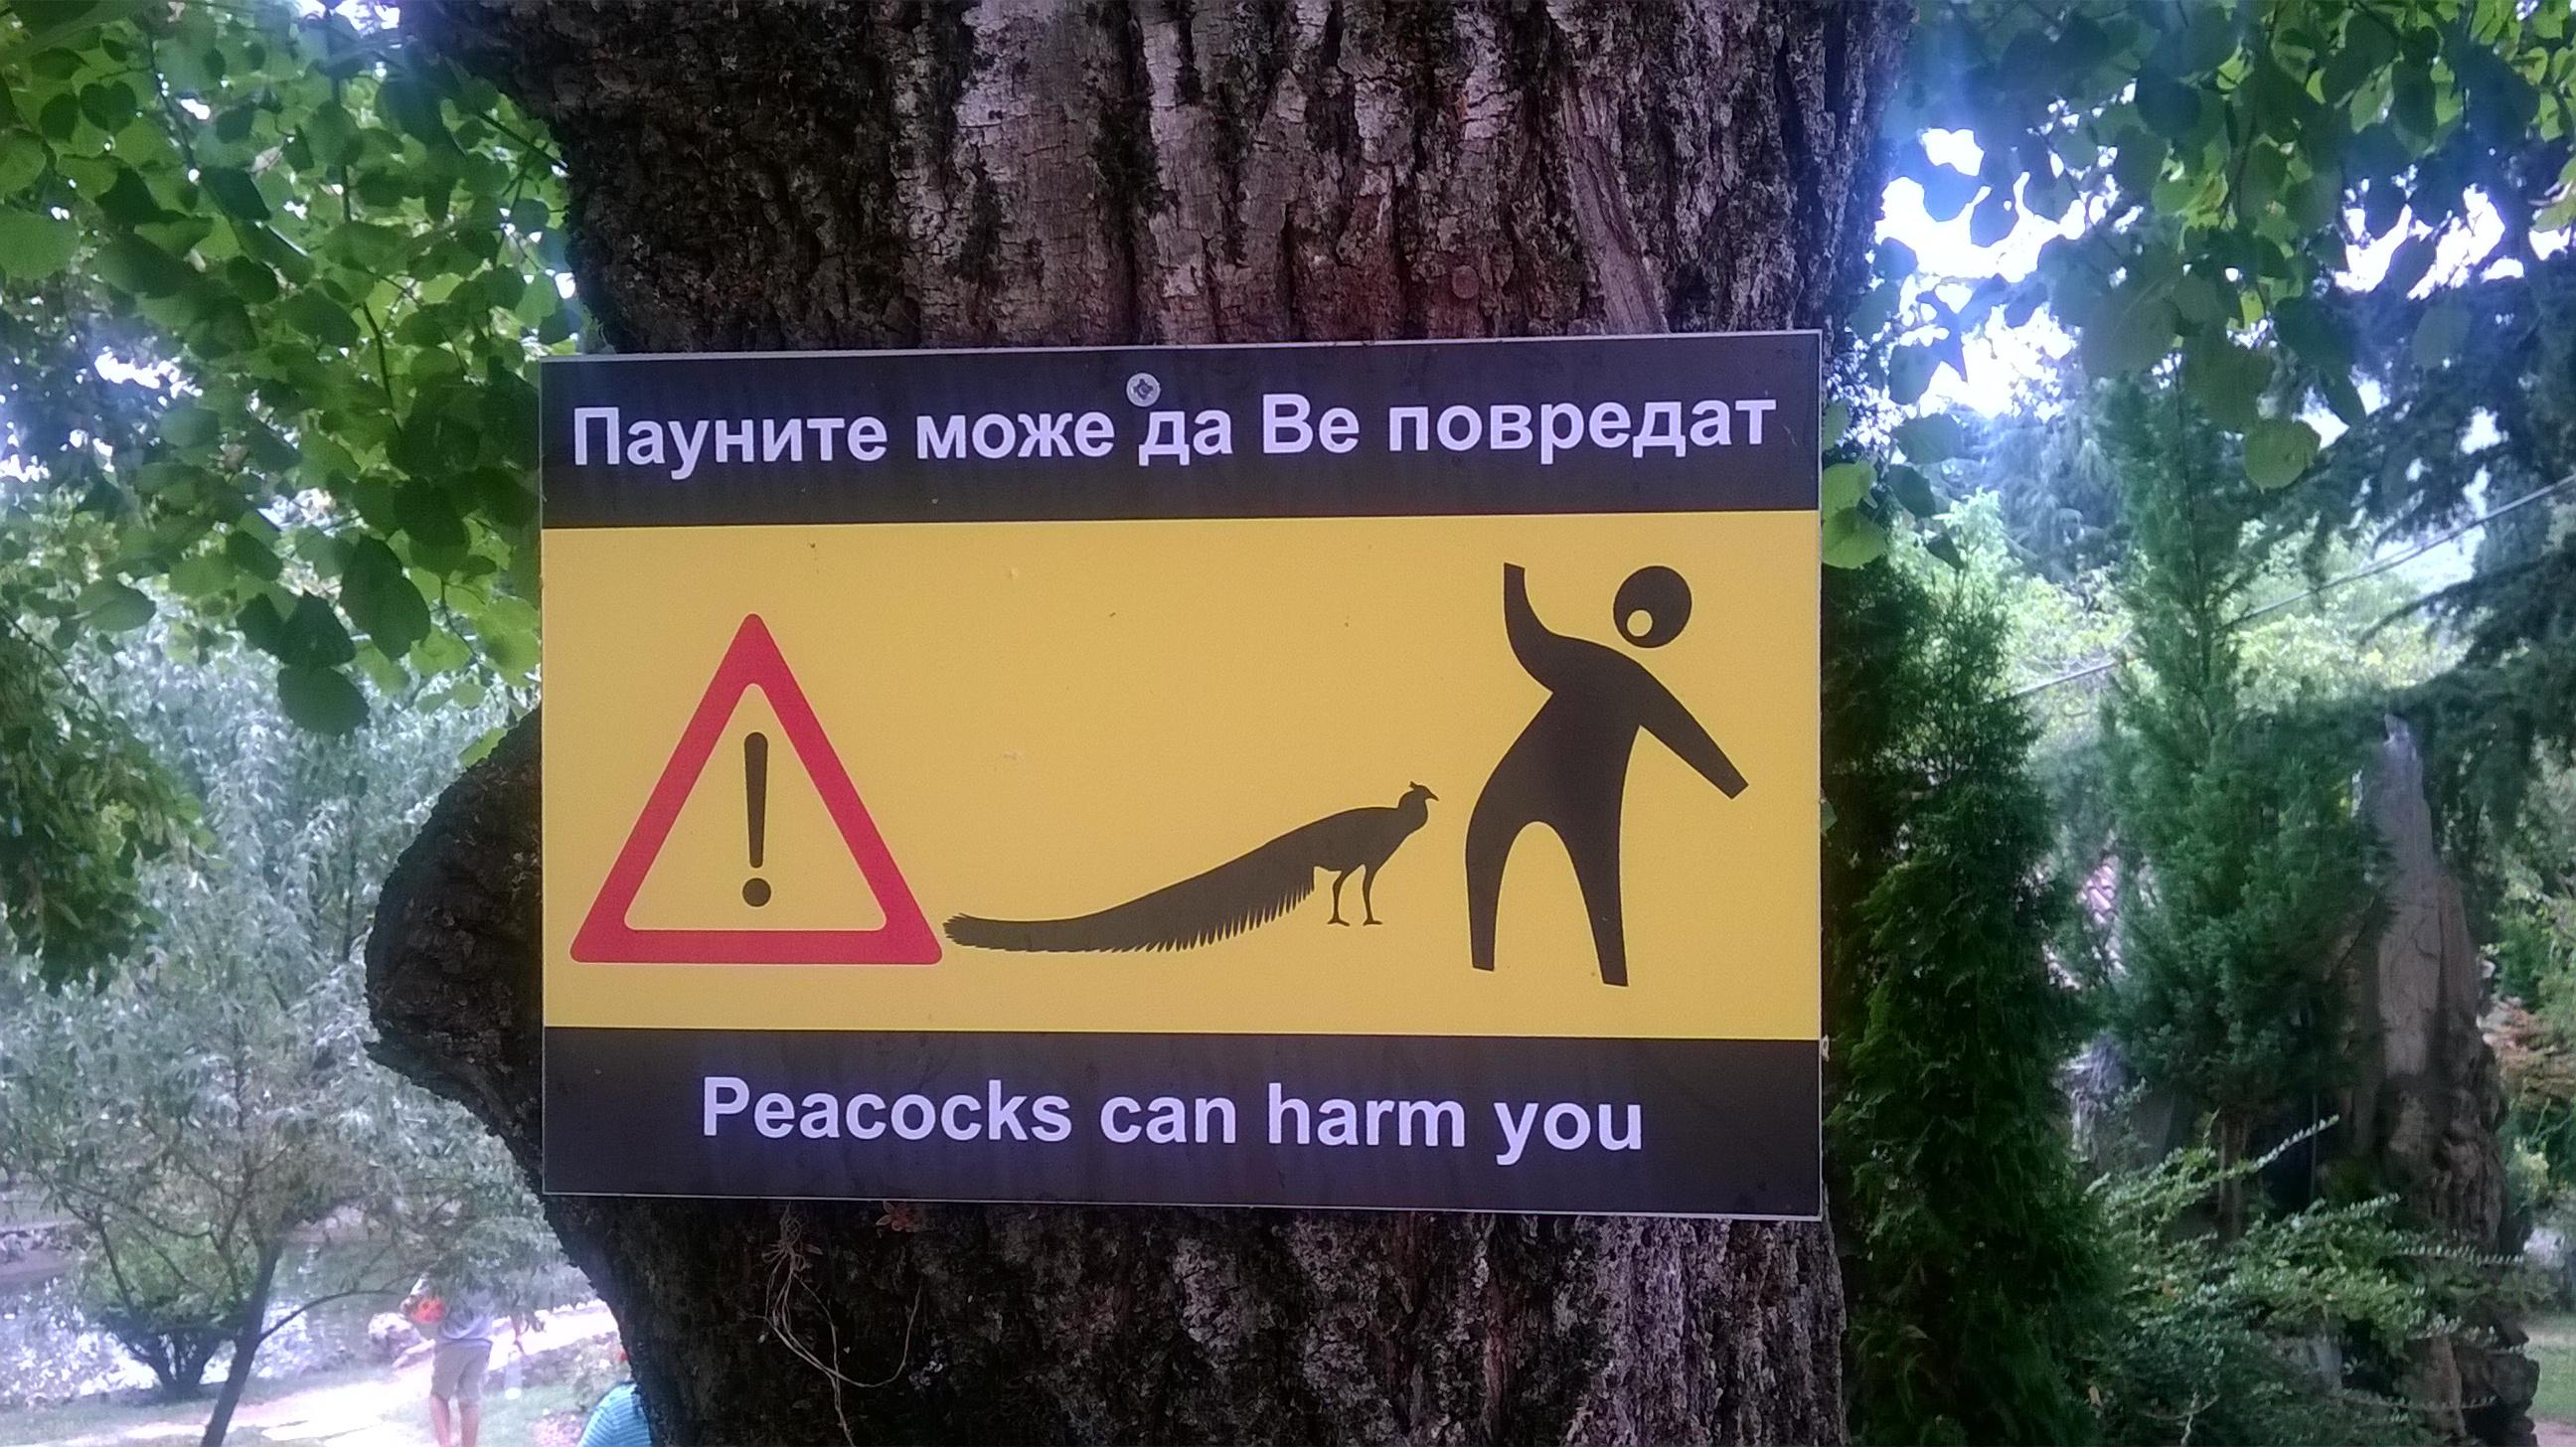 :D Erre nincsenek szavak. 'Vigyázat a pávák bánthatják Önt és gyermekét'